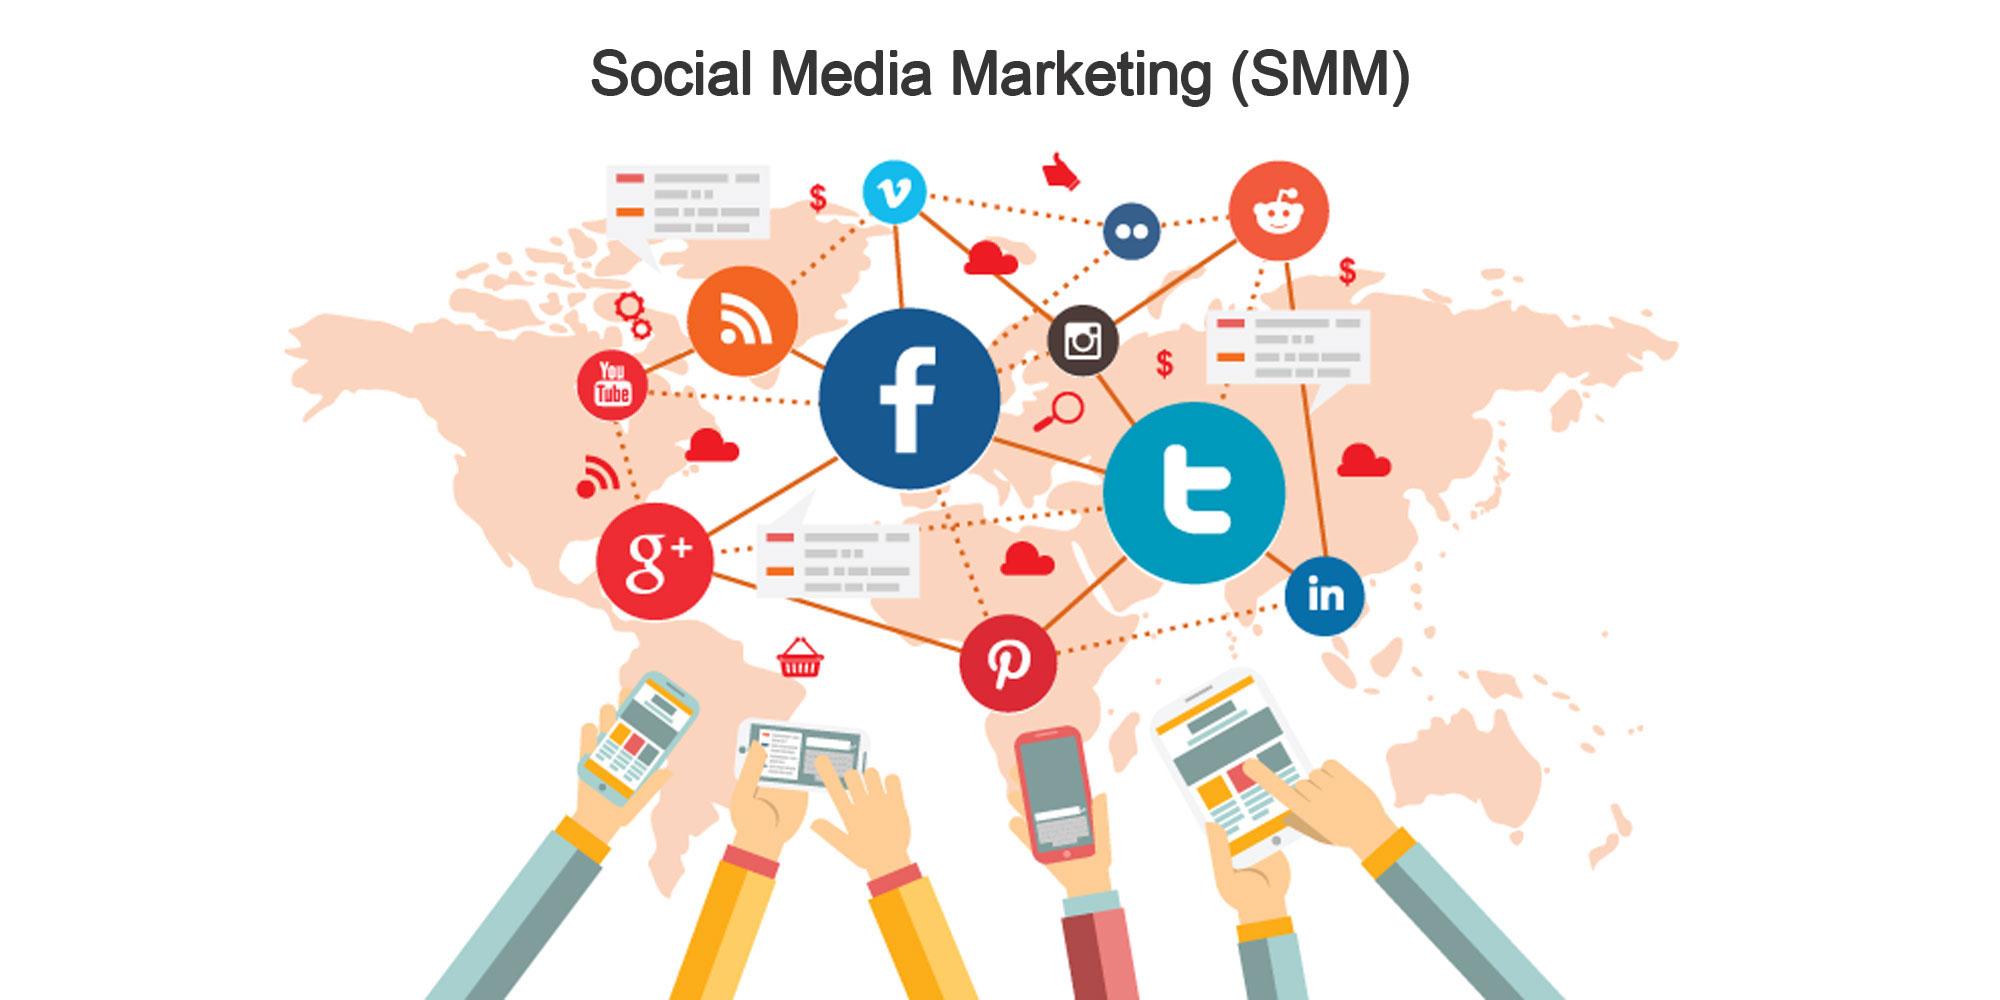 بازاریابی در شبکه های اجتماعی SMM